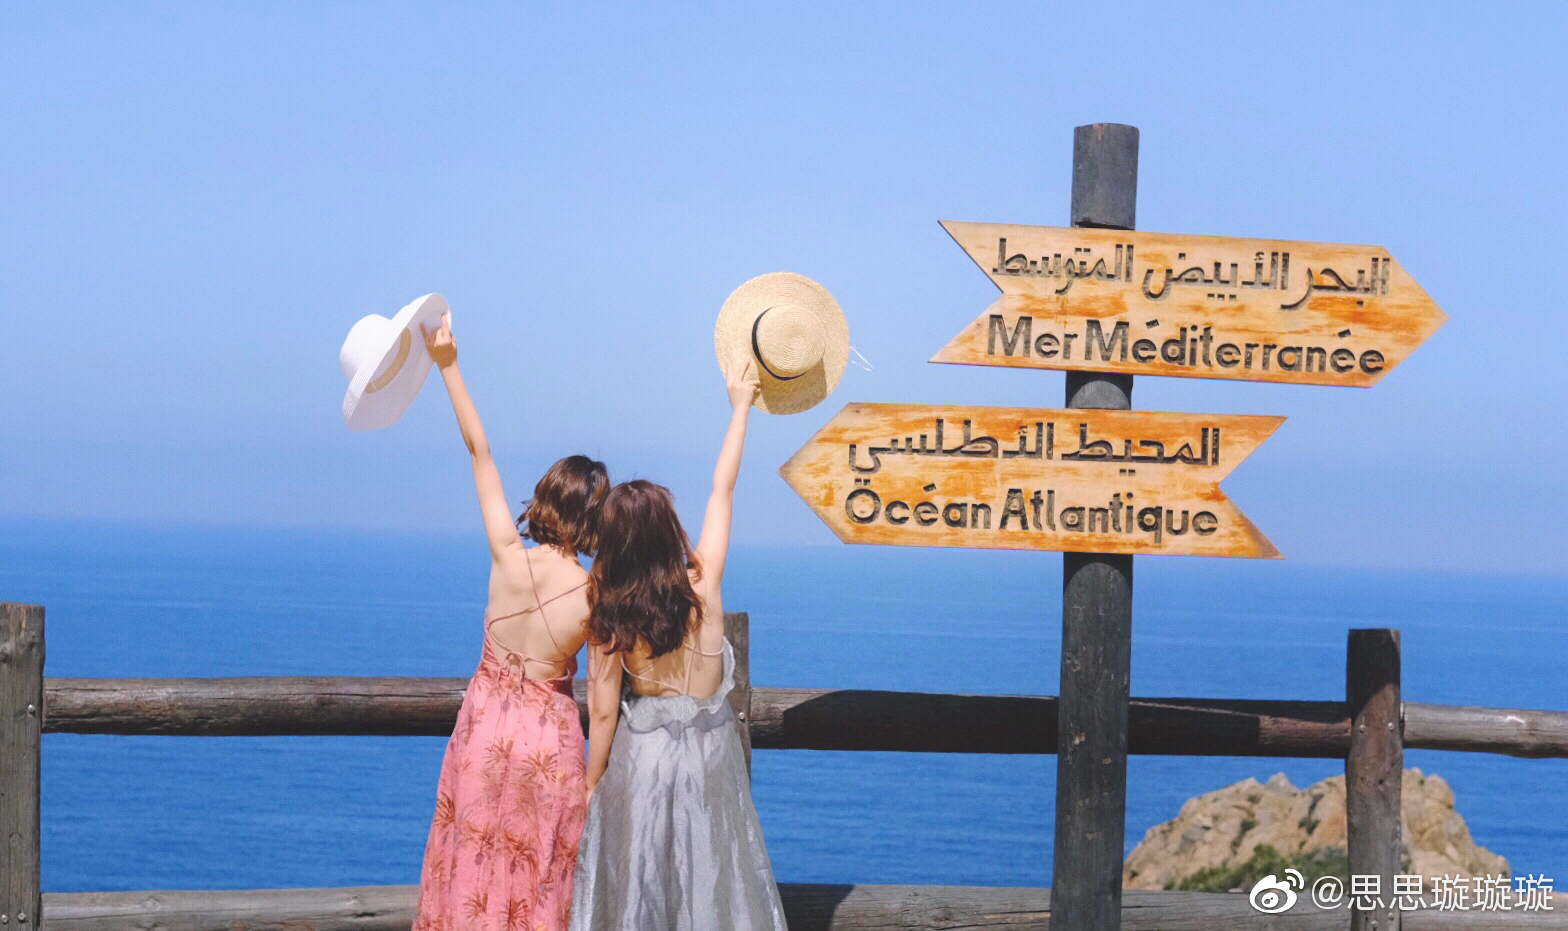 左手大西洋 右手地中海